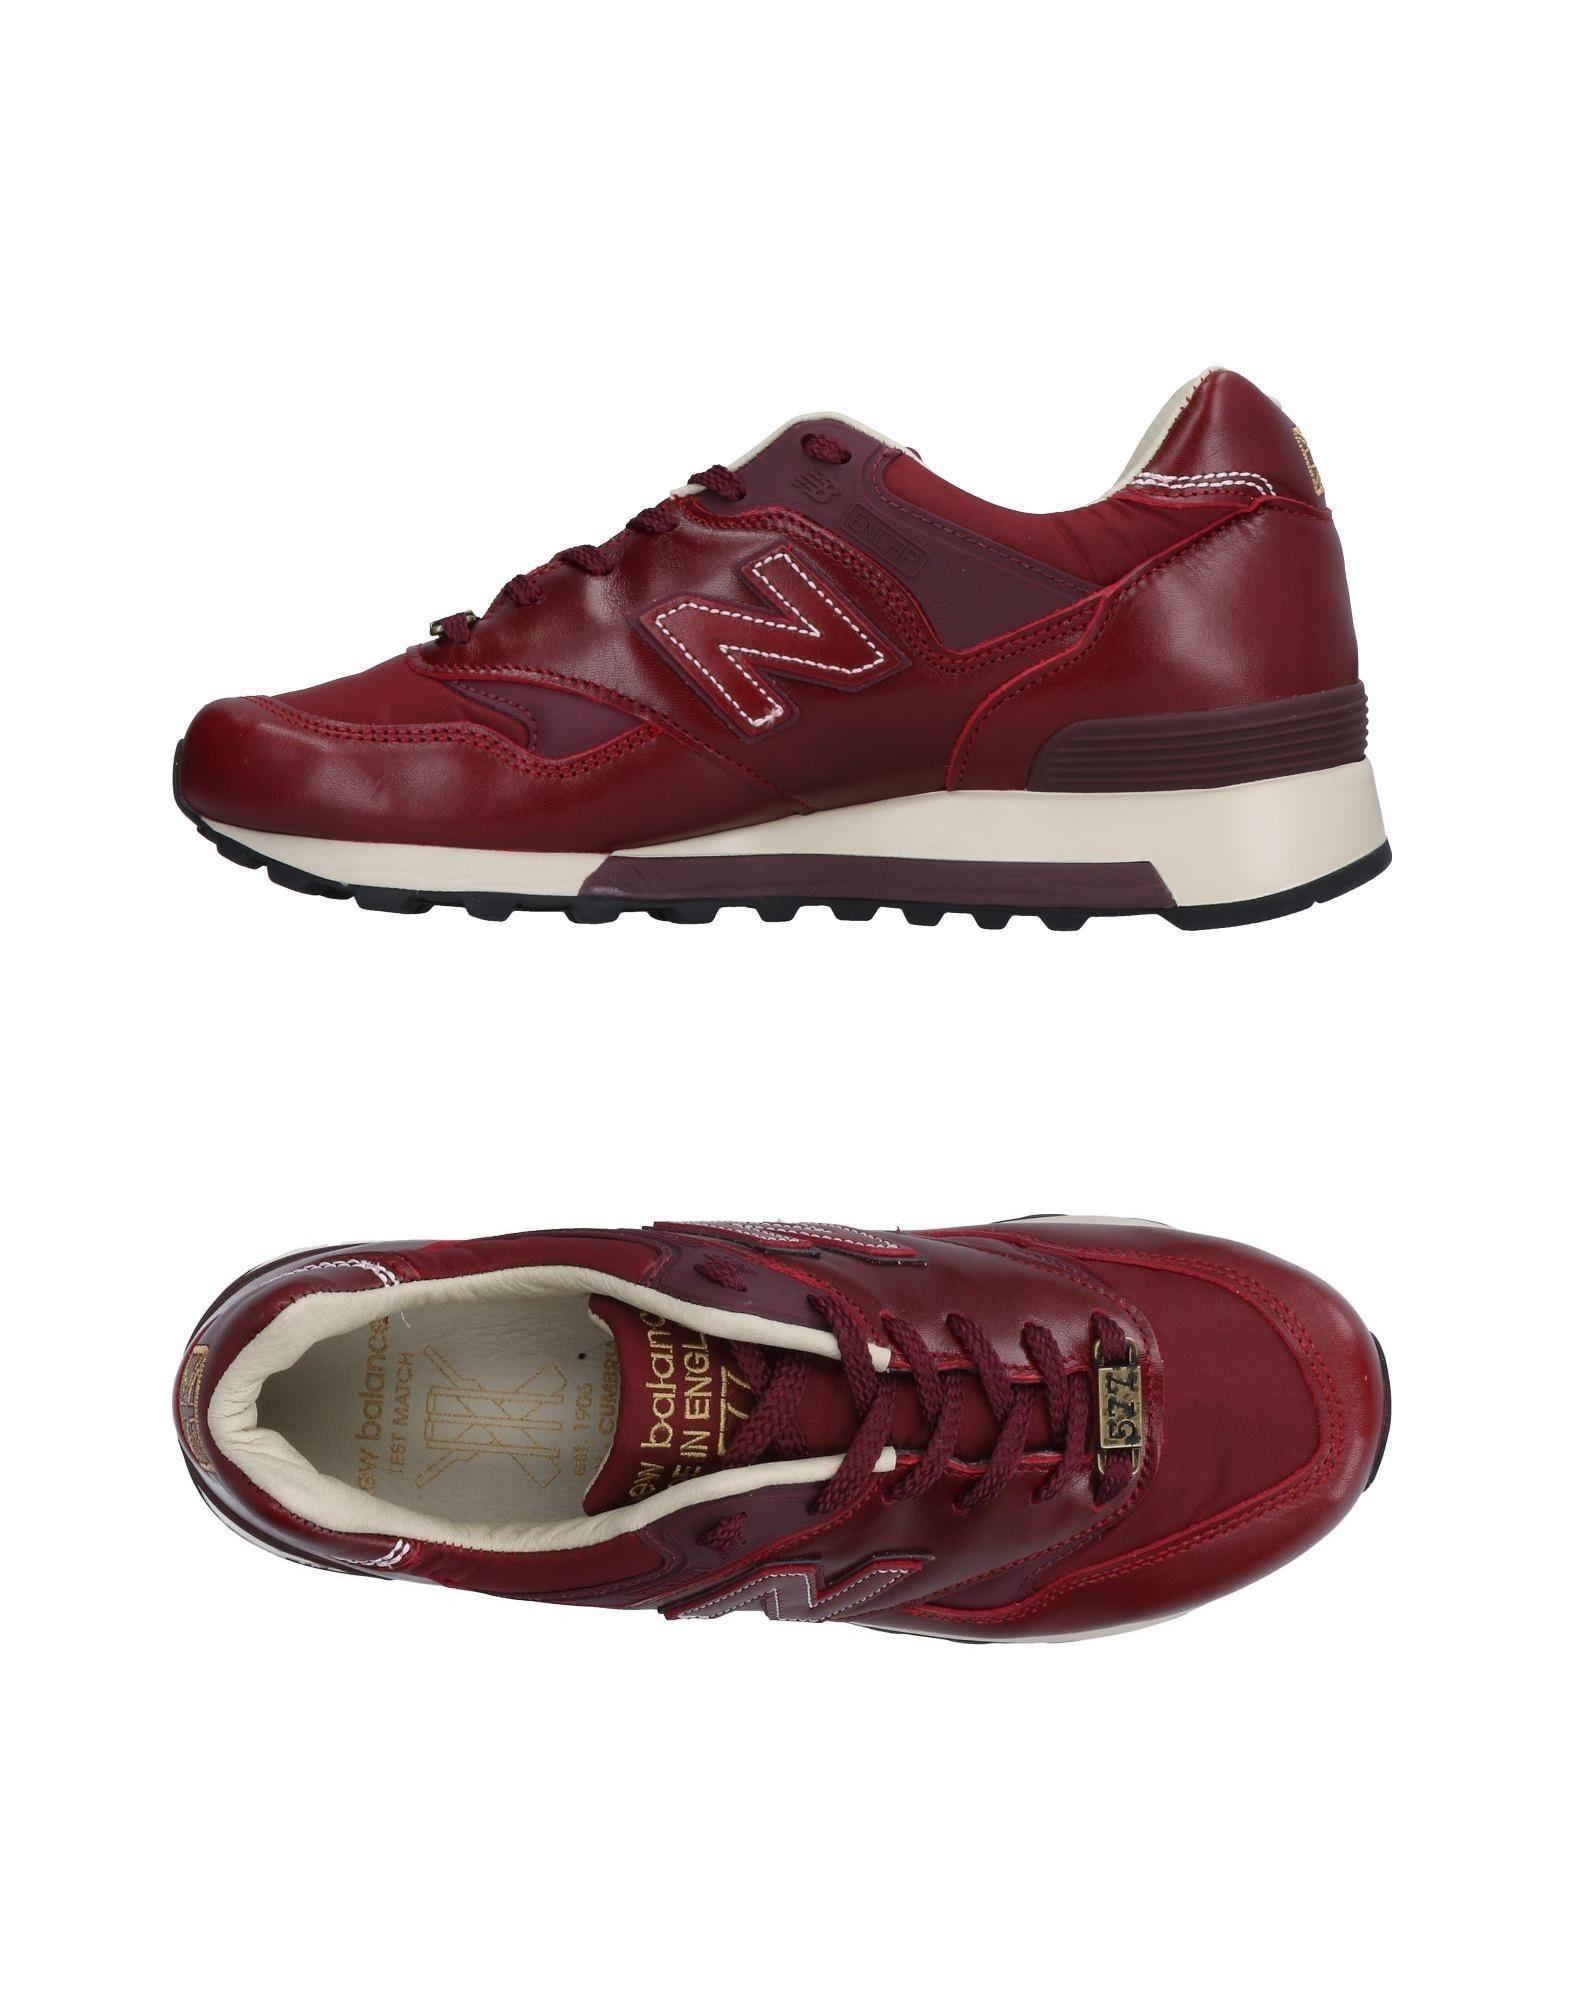 Sneakers New Balance Homme - Sneakers New Balance  Bordeaux Réduction de prix saisonnier, remise